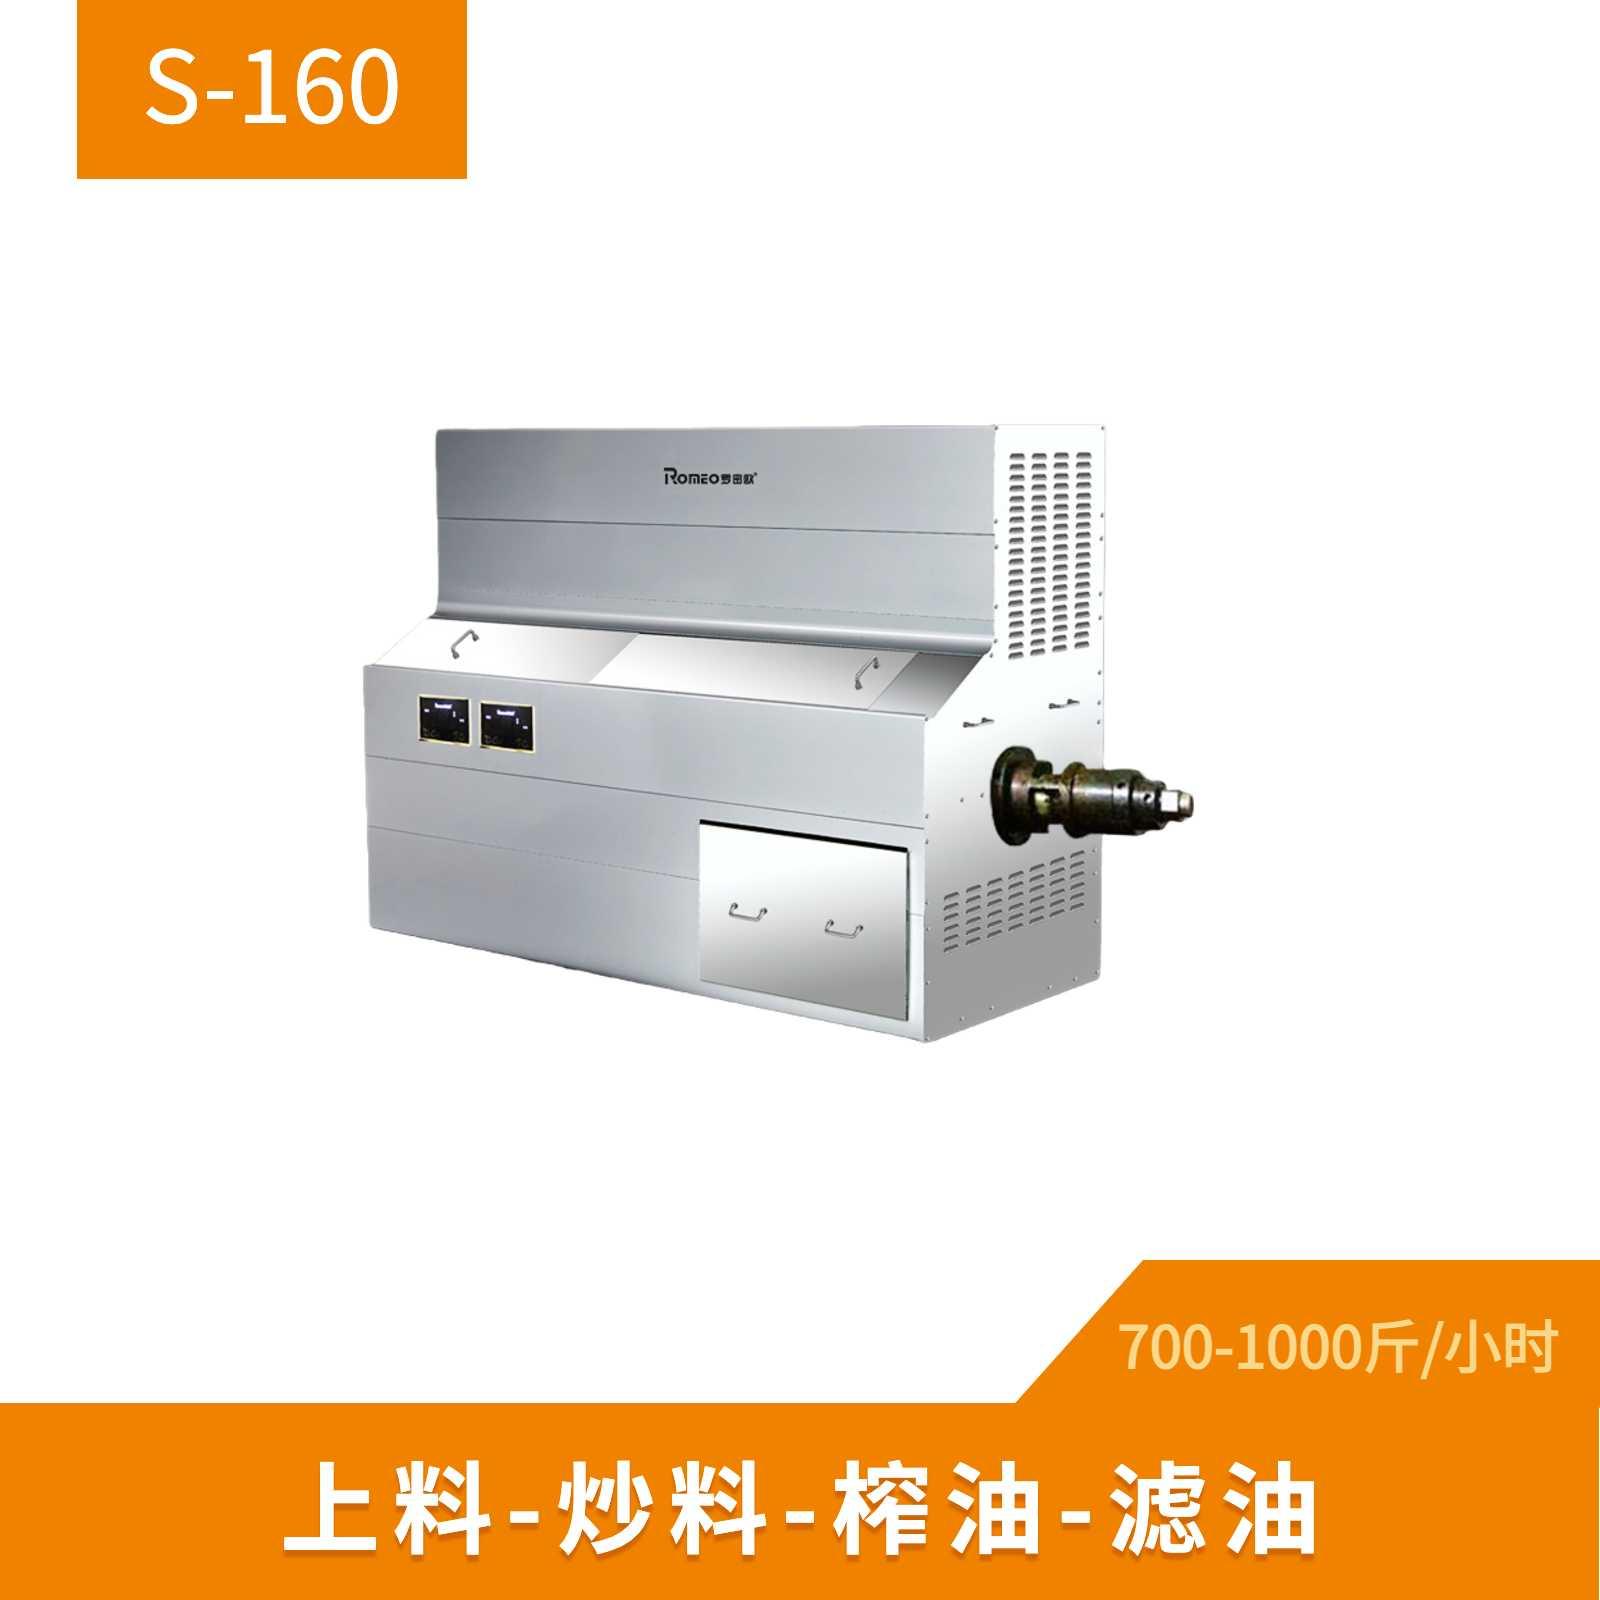 电磁炒料榨油机 D-160